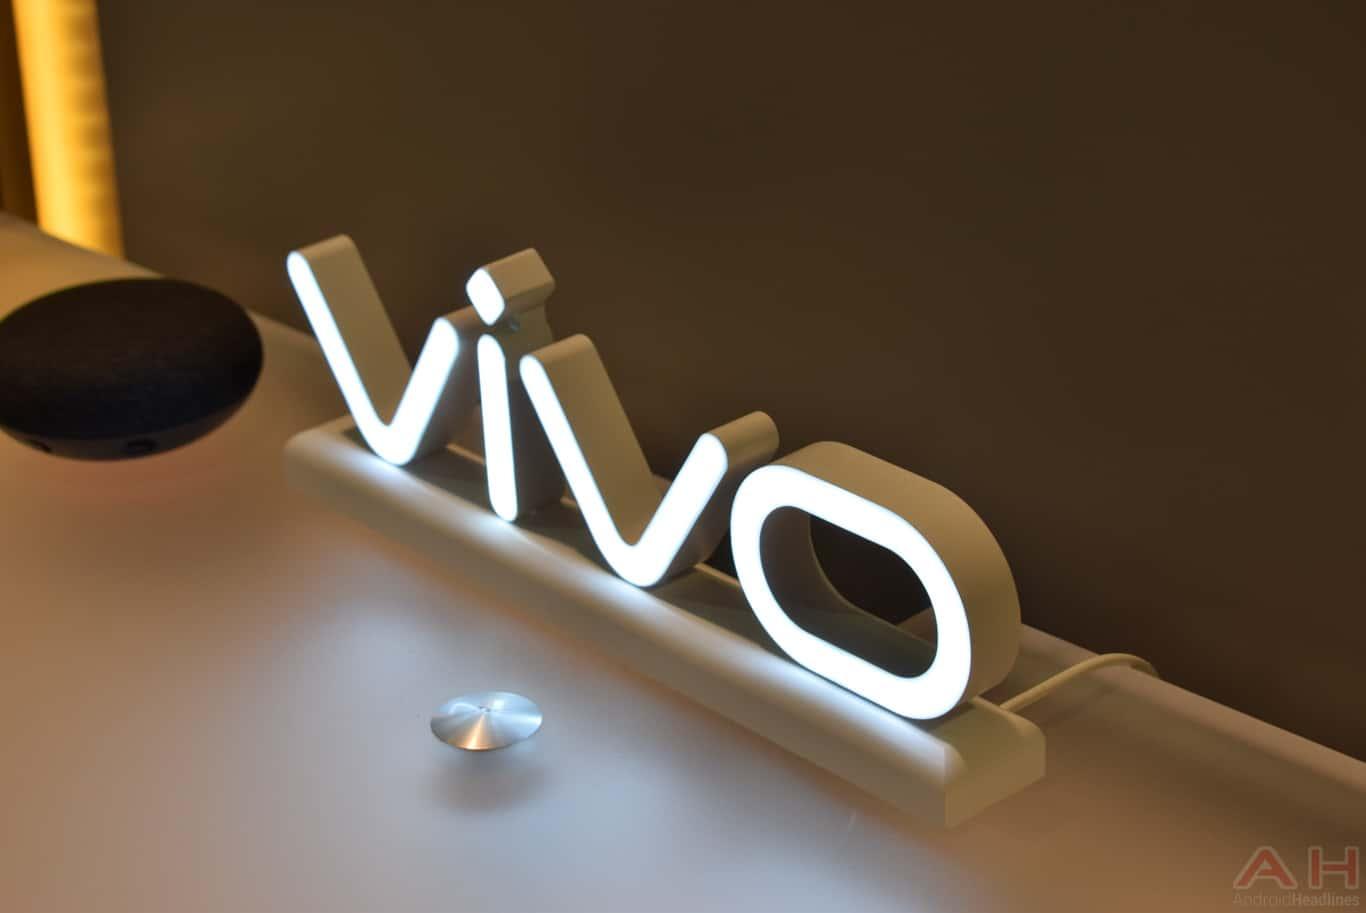 یک موبایل مرموز از ویوو با طراحی شبیه به نکس ۳ لو رفت